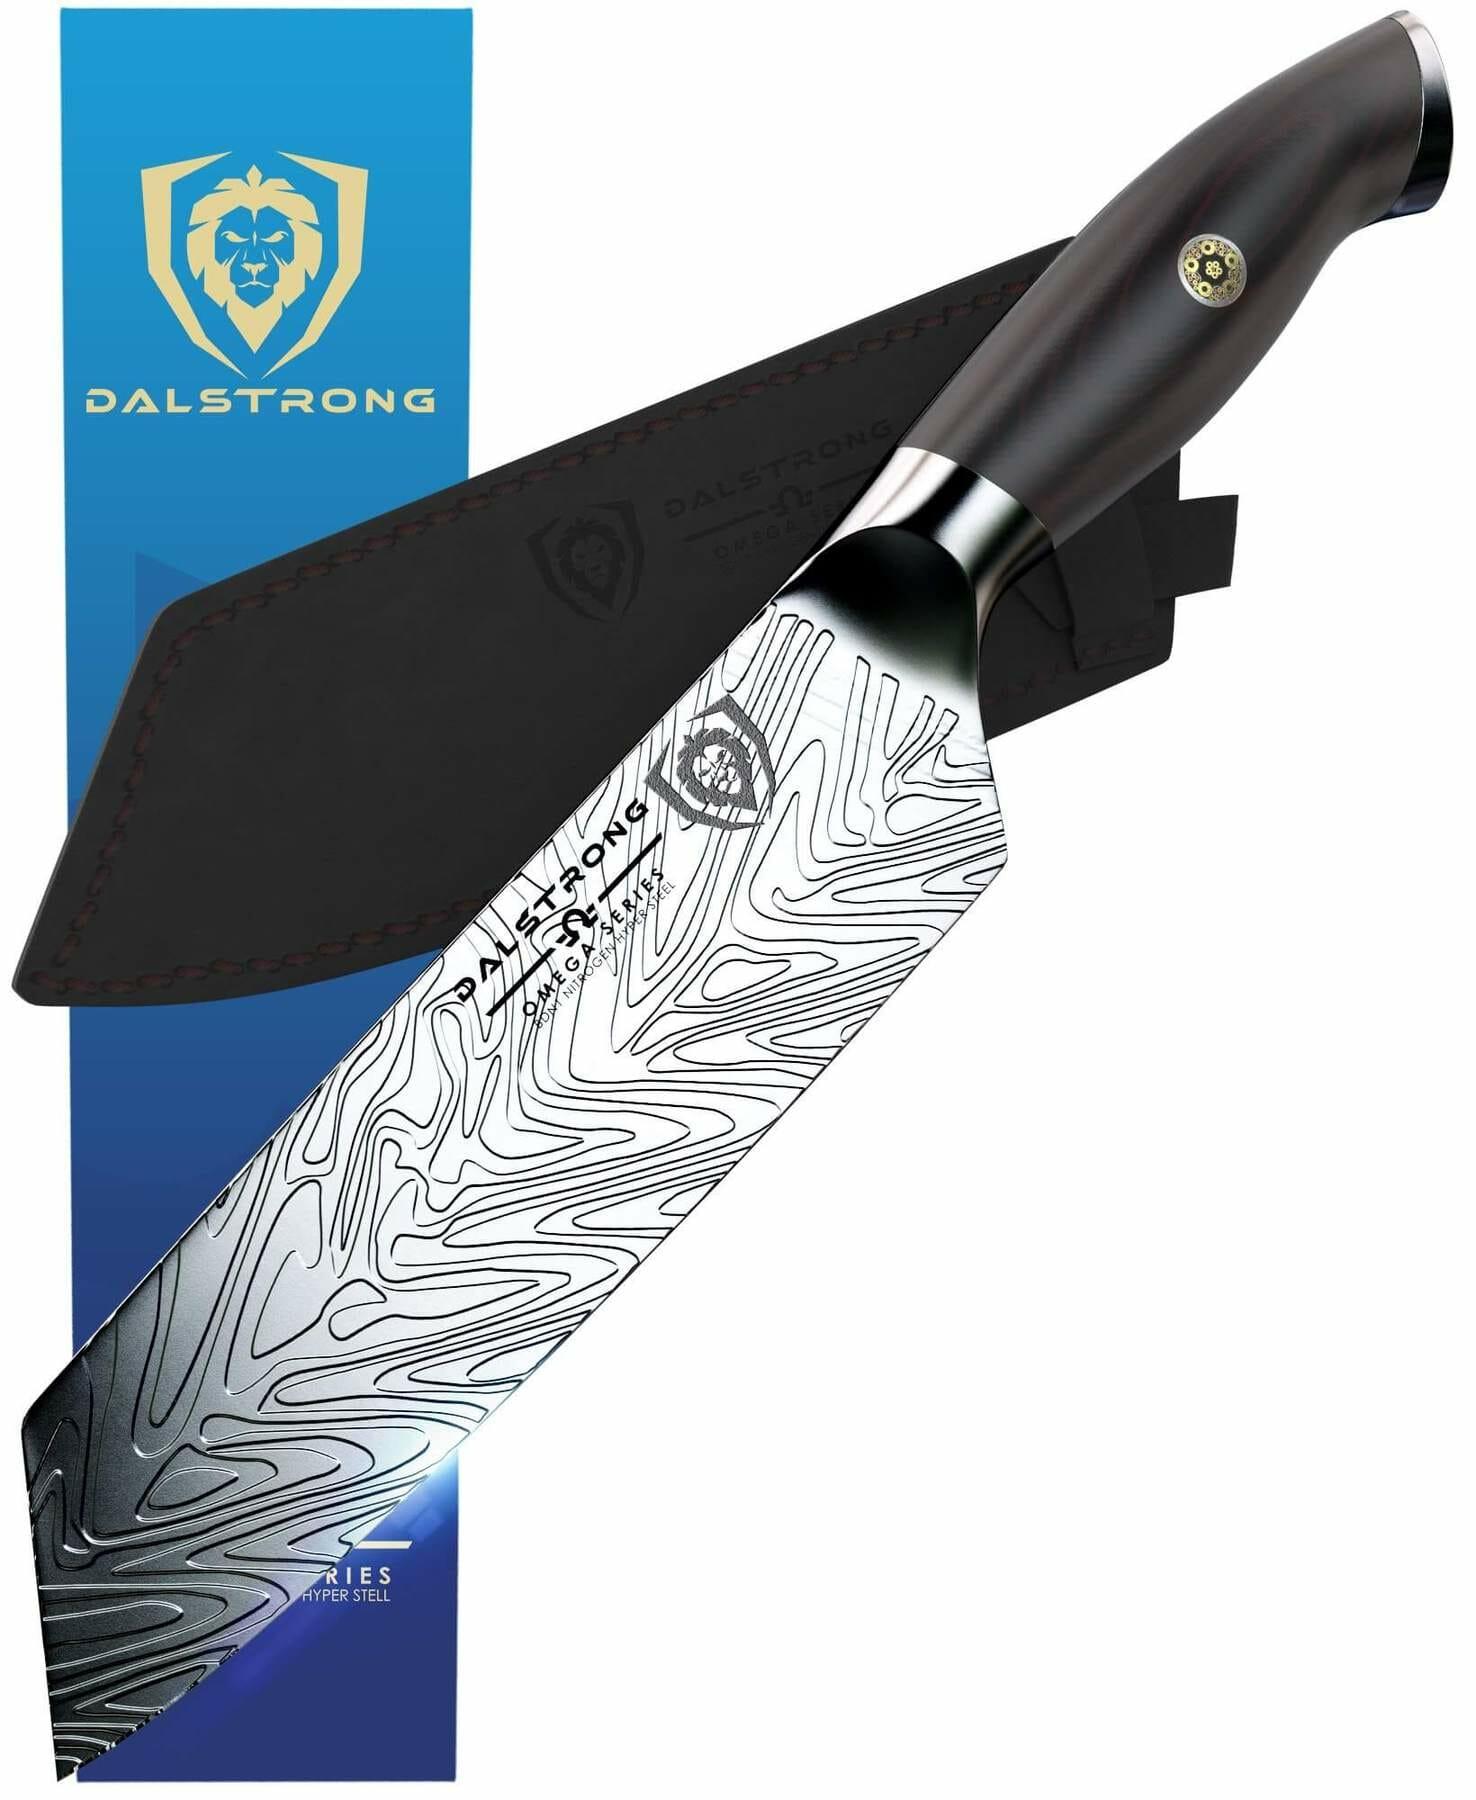 dalstrong omega santoku knife